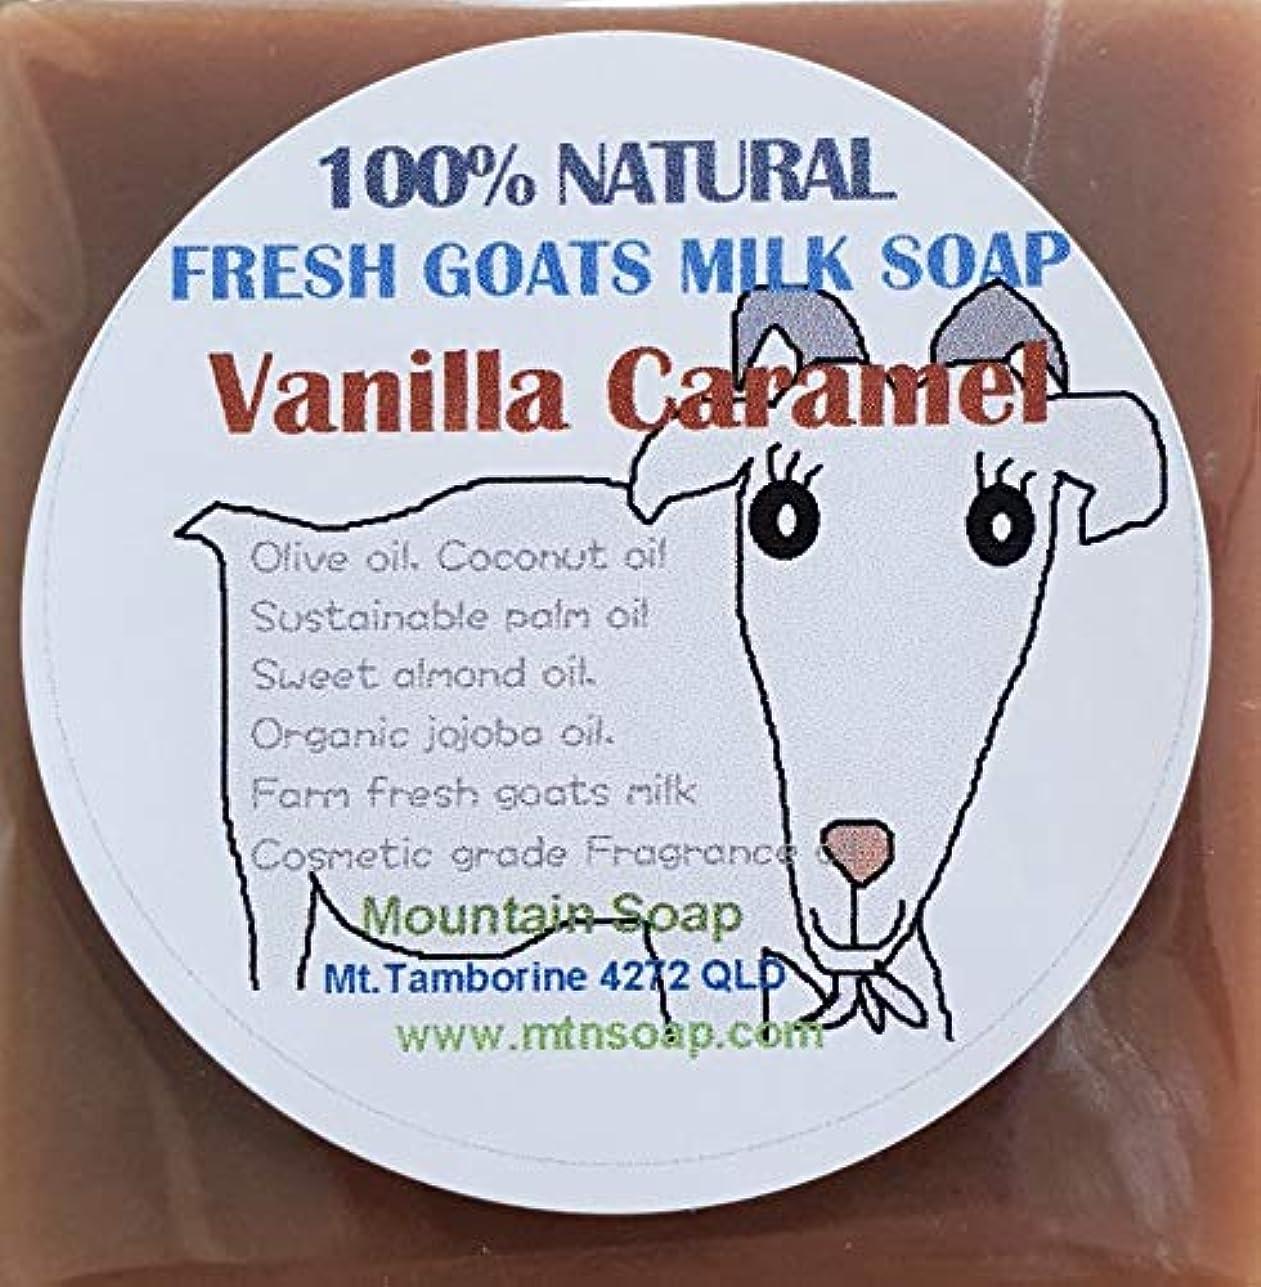 鉄道タブレット鈍い【Mountain Soap】農場直送絞りたてゴートミルク生乳使用 ゴートミルク石鹸 バニラキャラメル